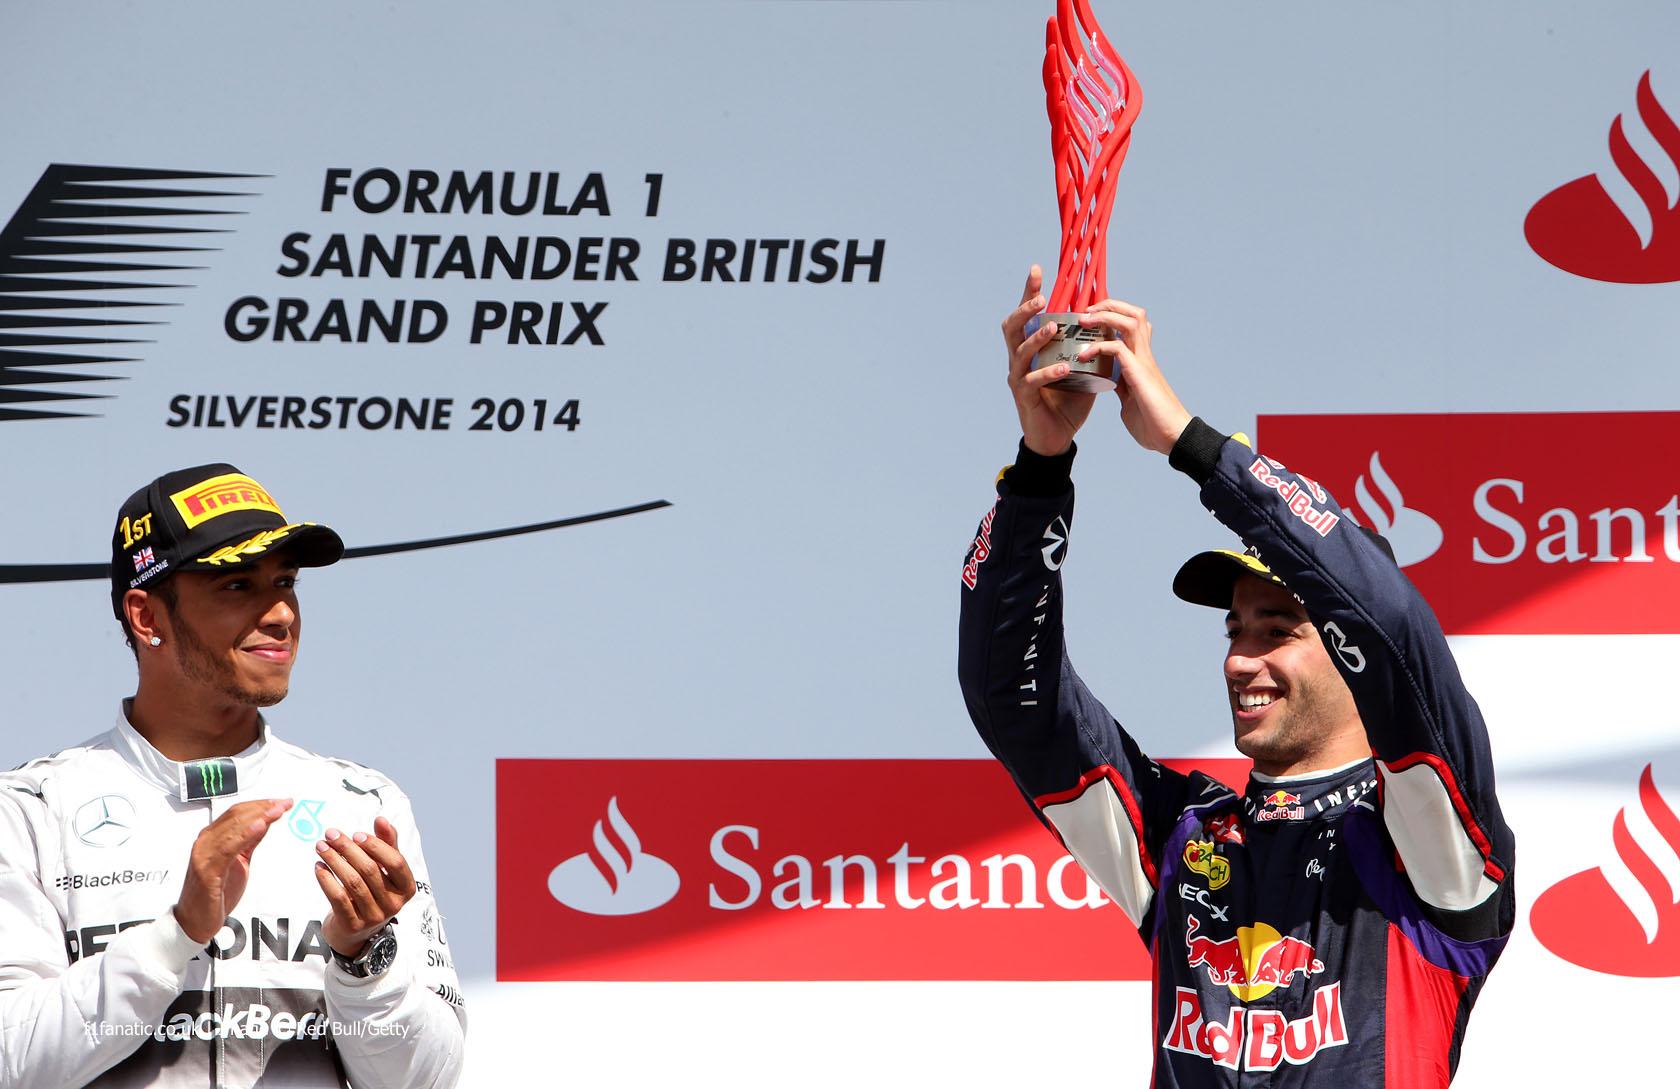 Lewis Hamilton, Daniel Ricciardo, Silverstone, 2014